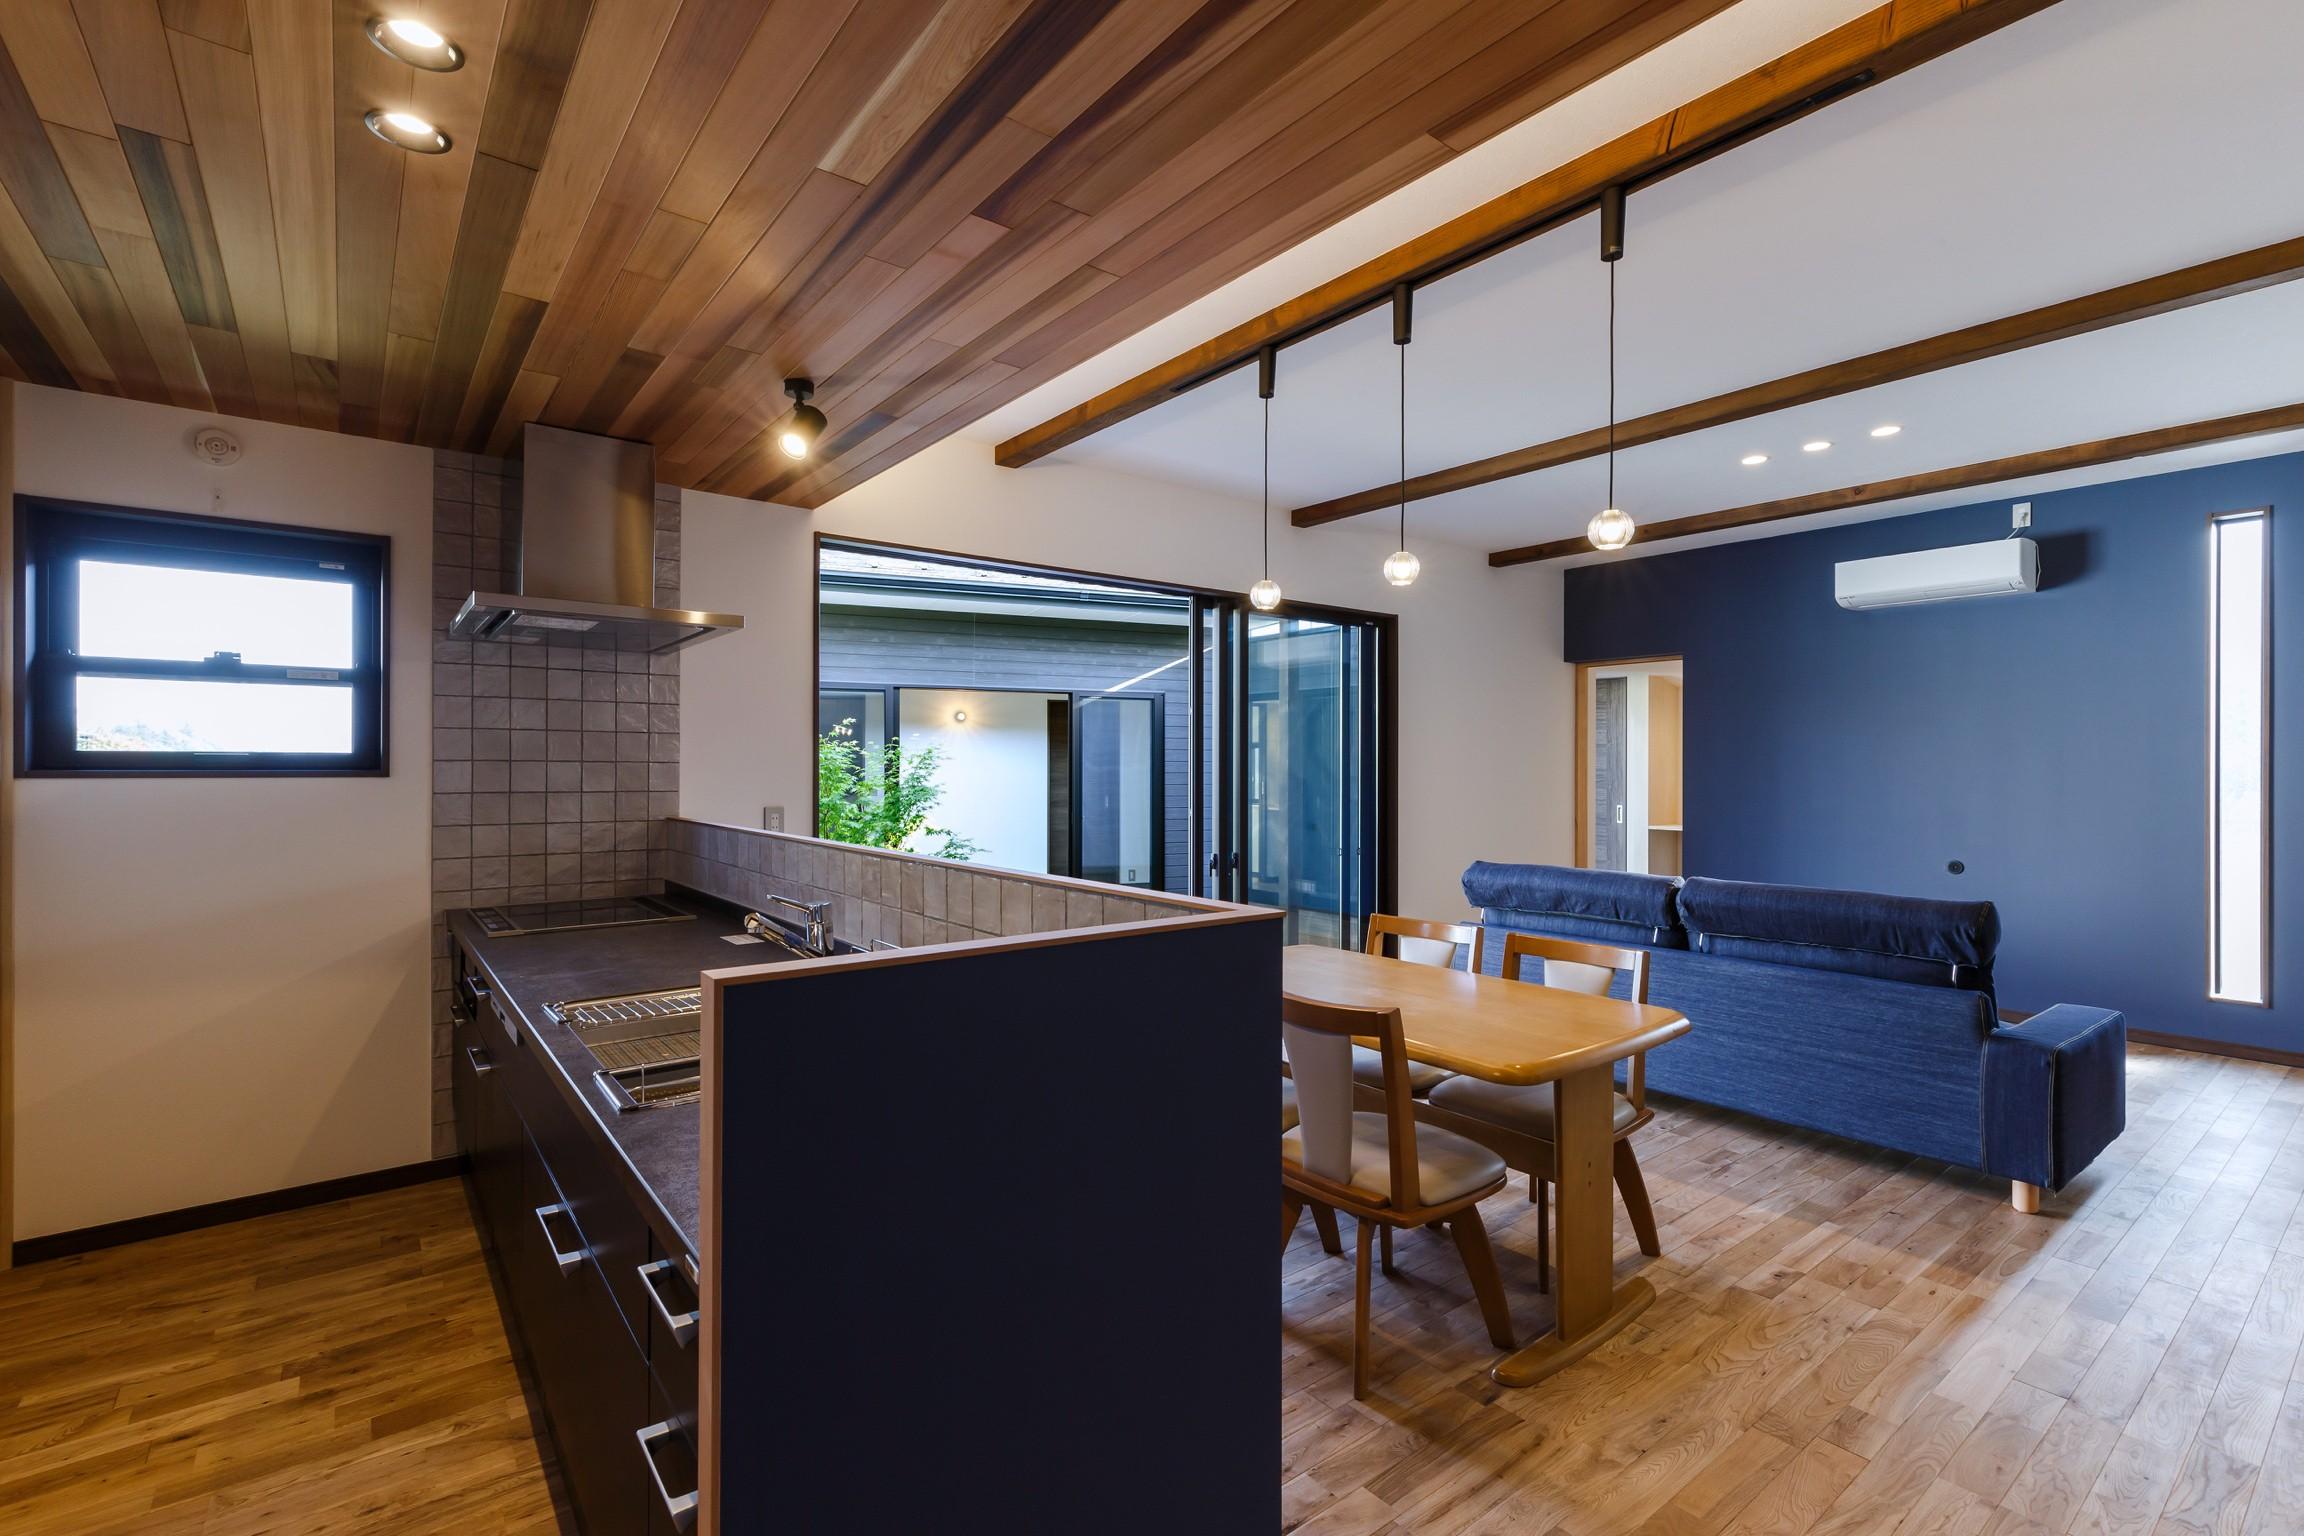 キッチン事例:キッチン(須賀川・今泉のリノベーション)